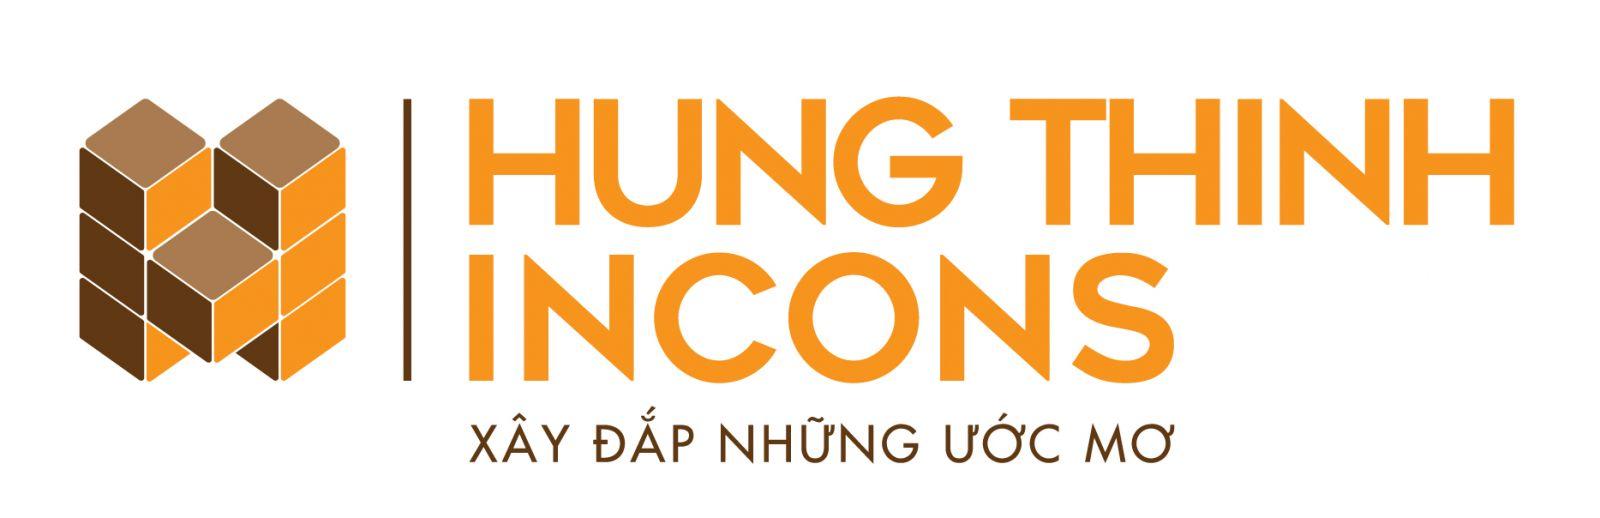 Logo mới của Hung Thinh Incons